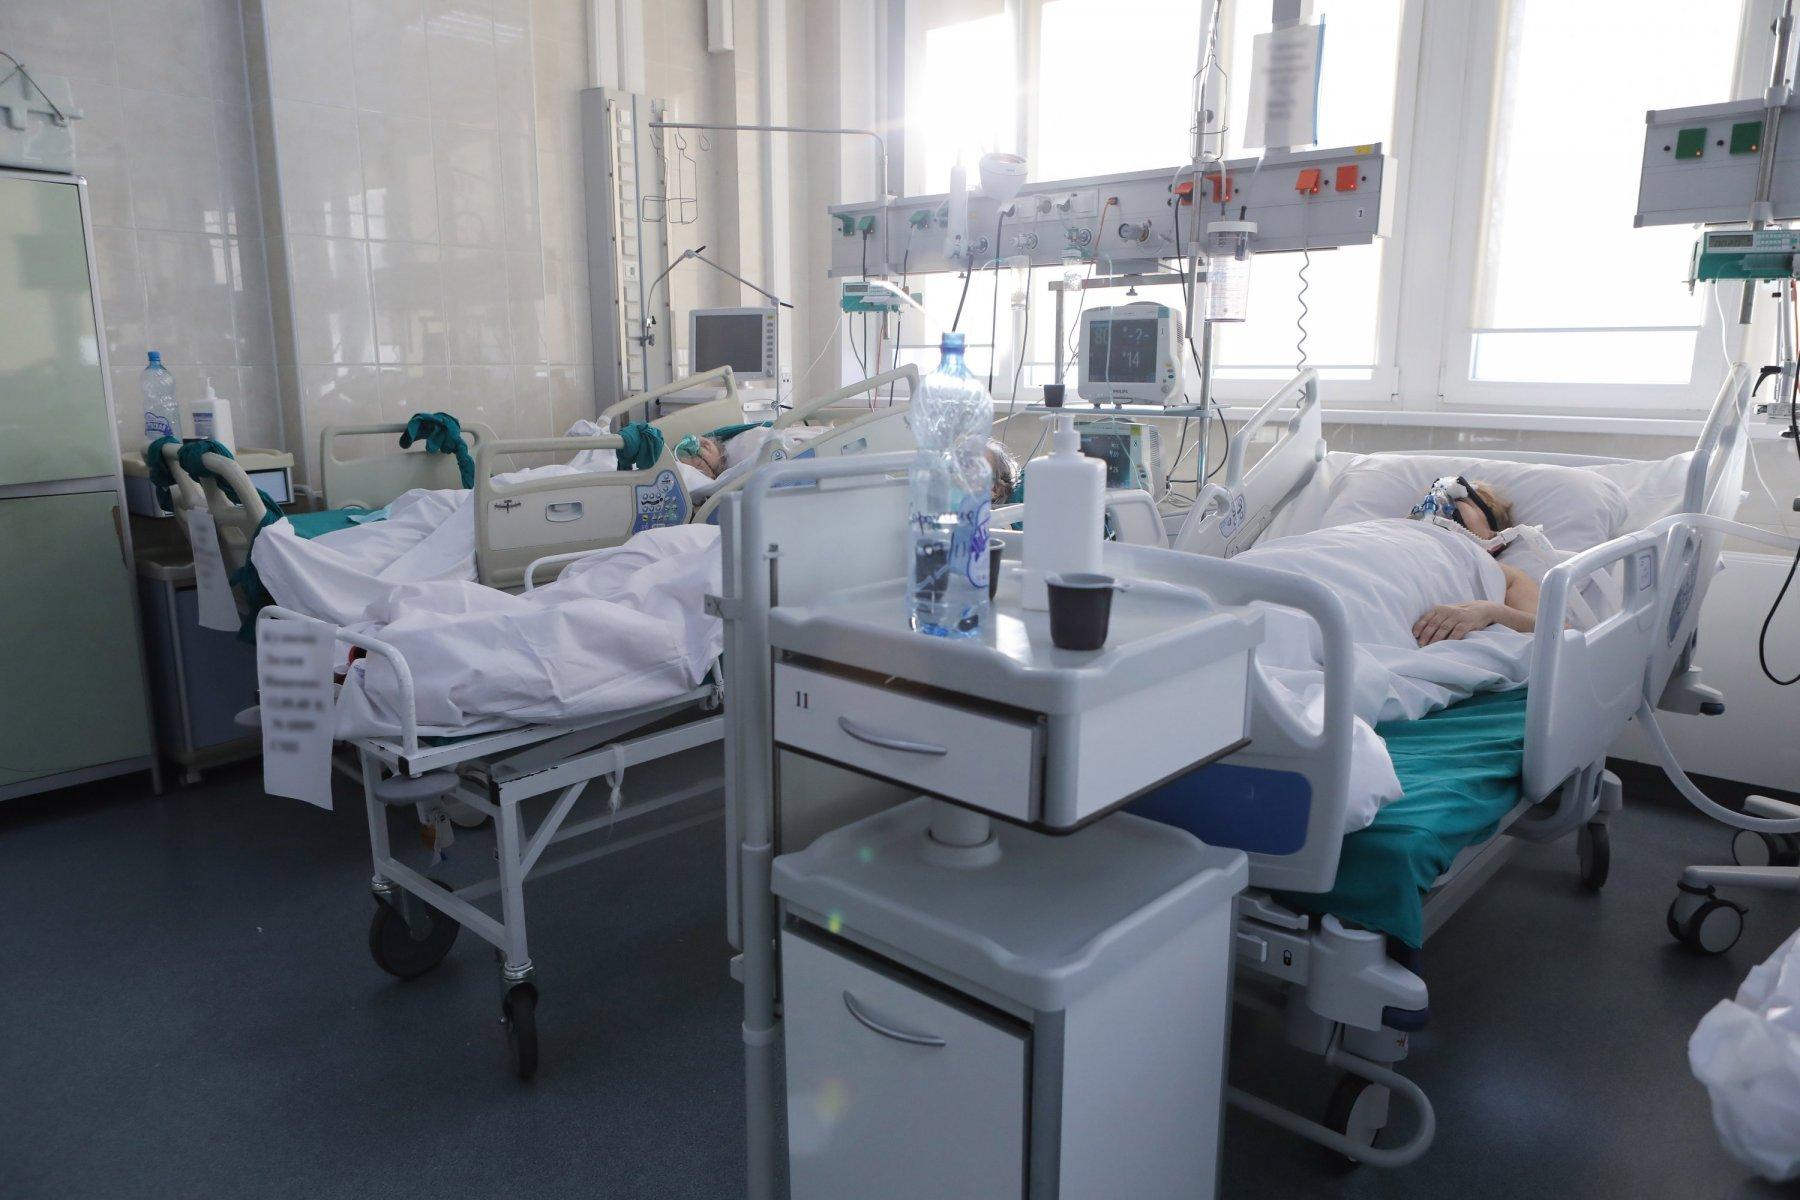 В Московской области зафиксировано 617 новых случаев коронавируса за прошедшие сутки